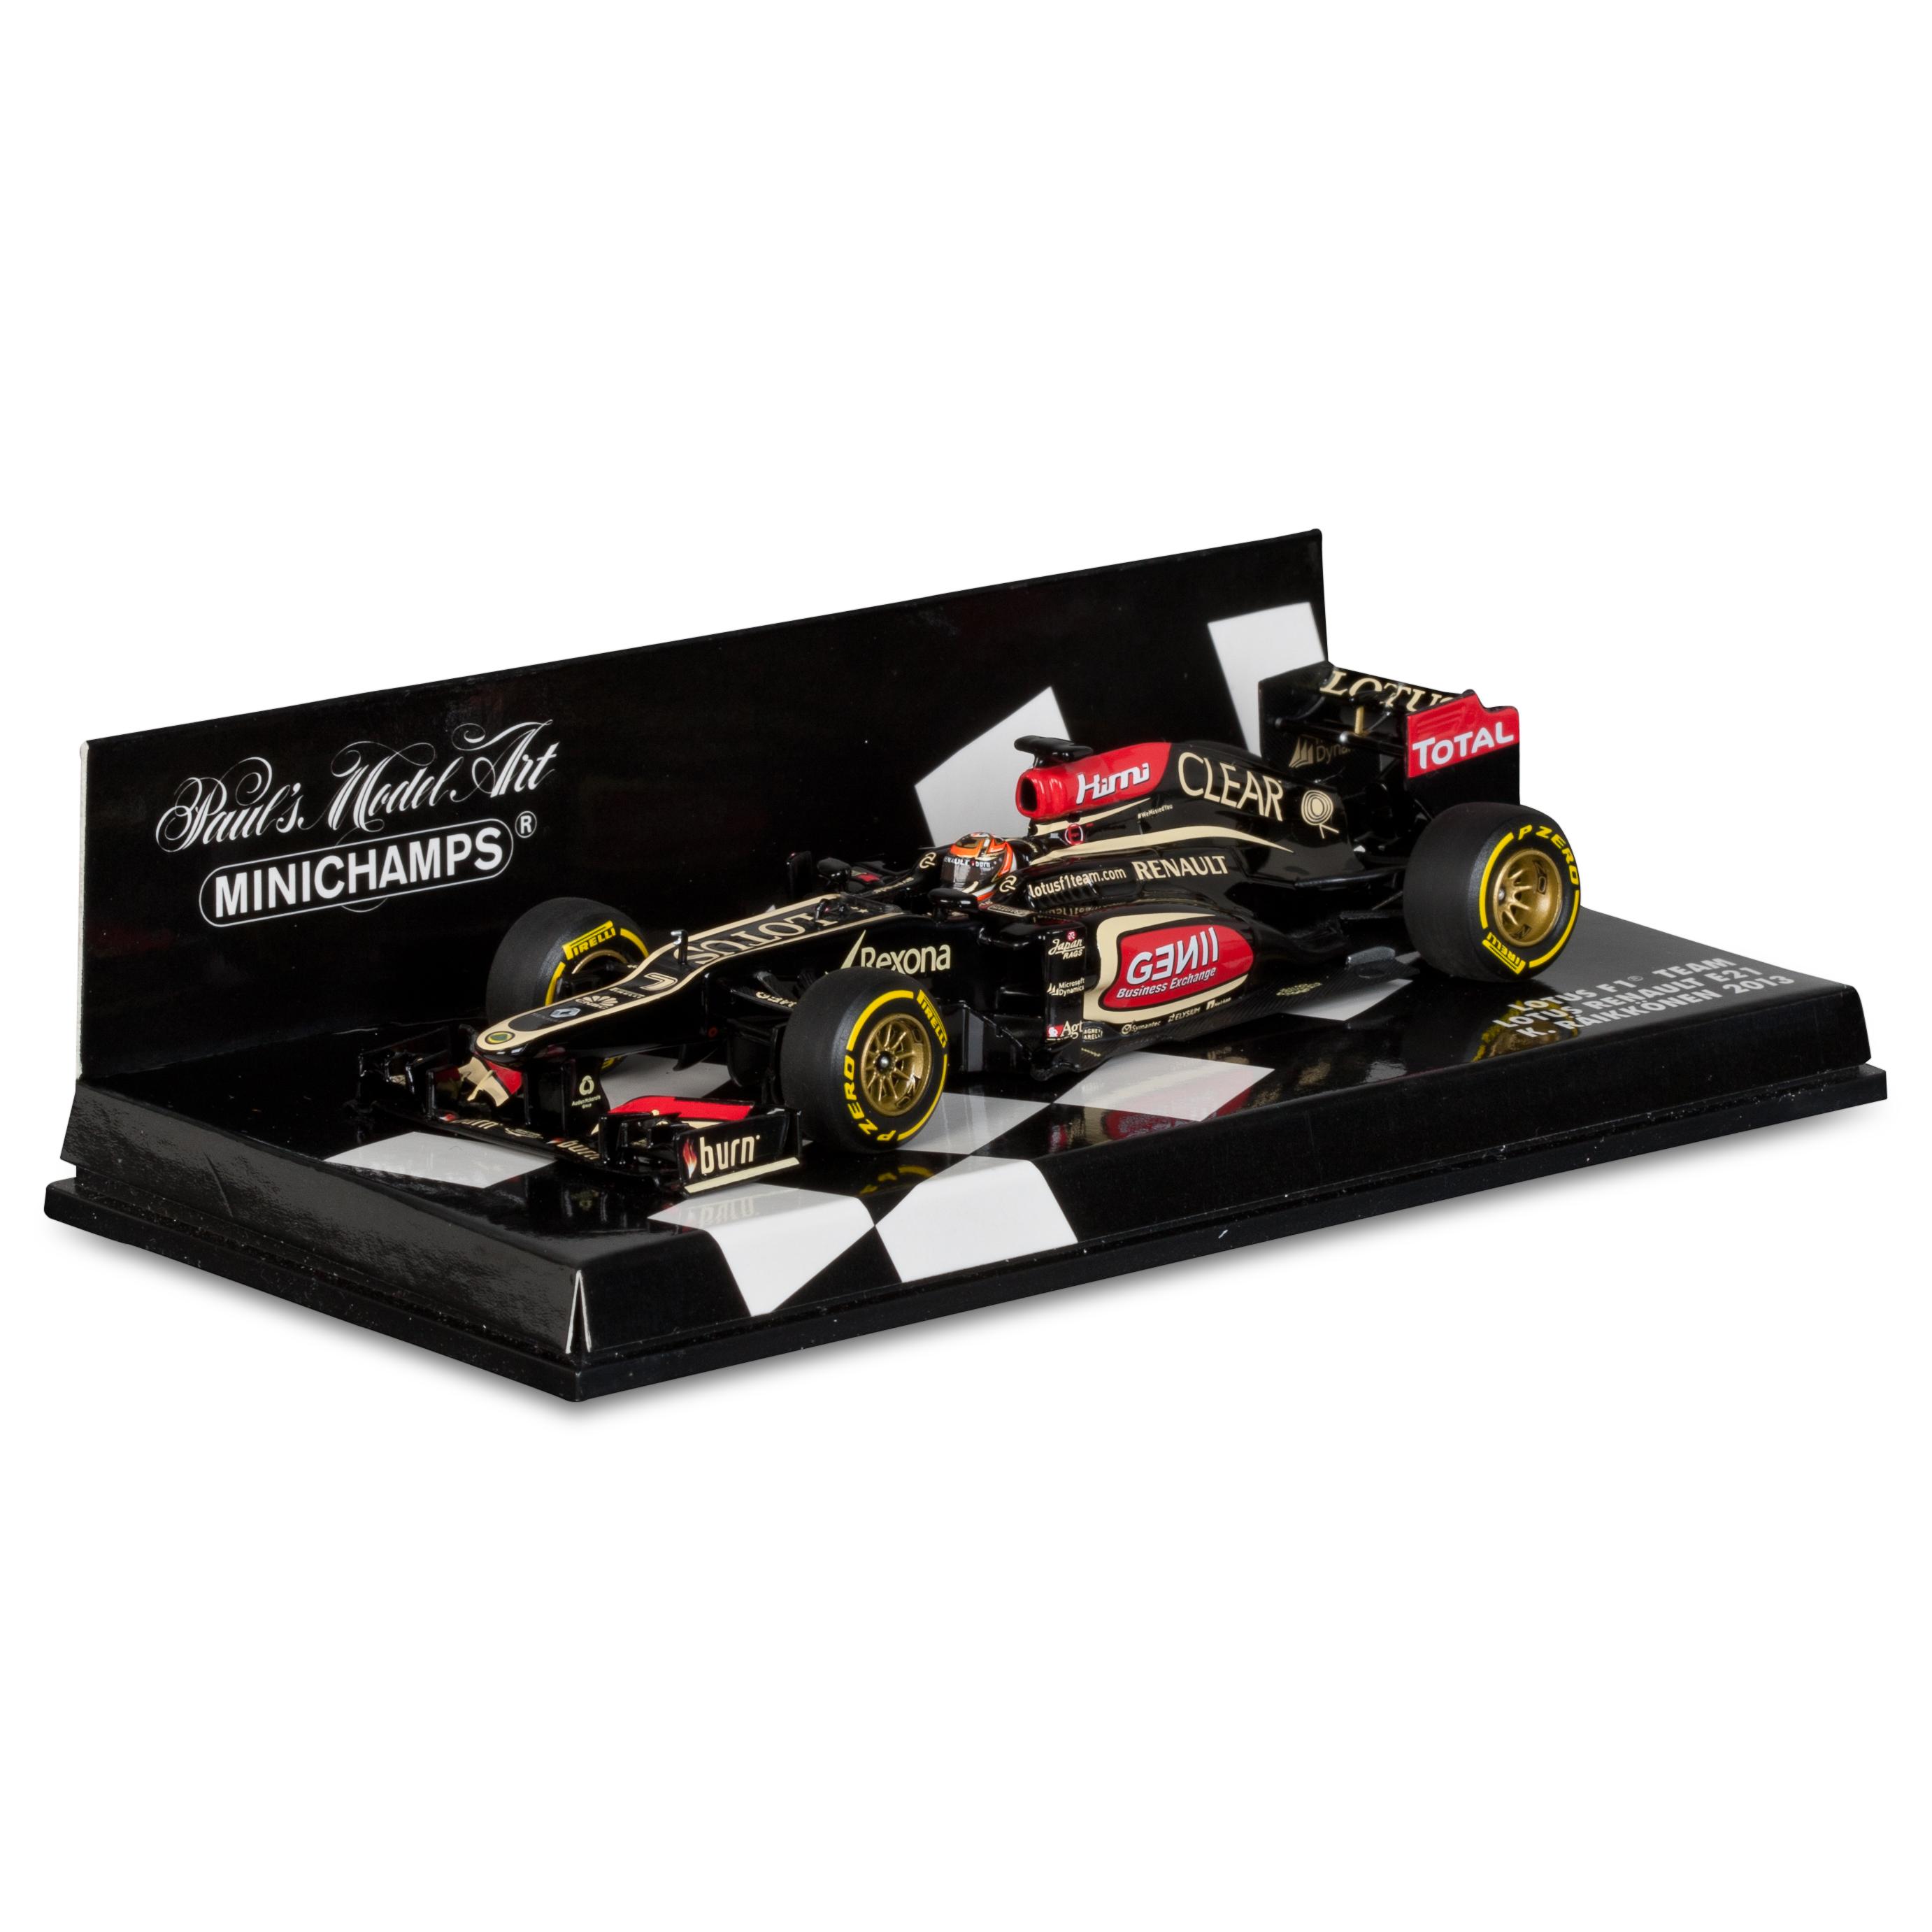 Lotus F1 Team Renault E21 Kimi Raikkonen 2013 1:43 Scale